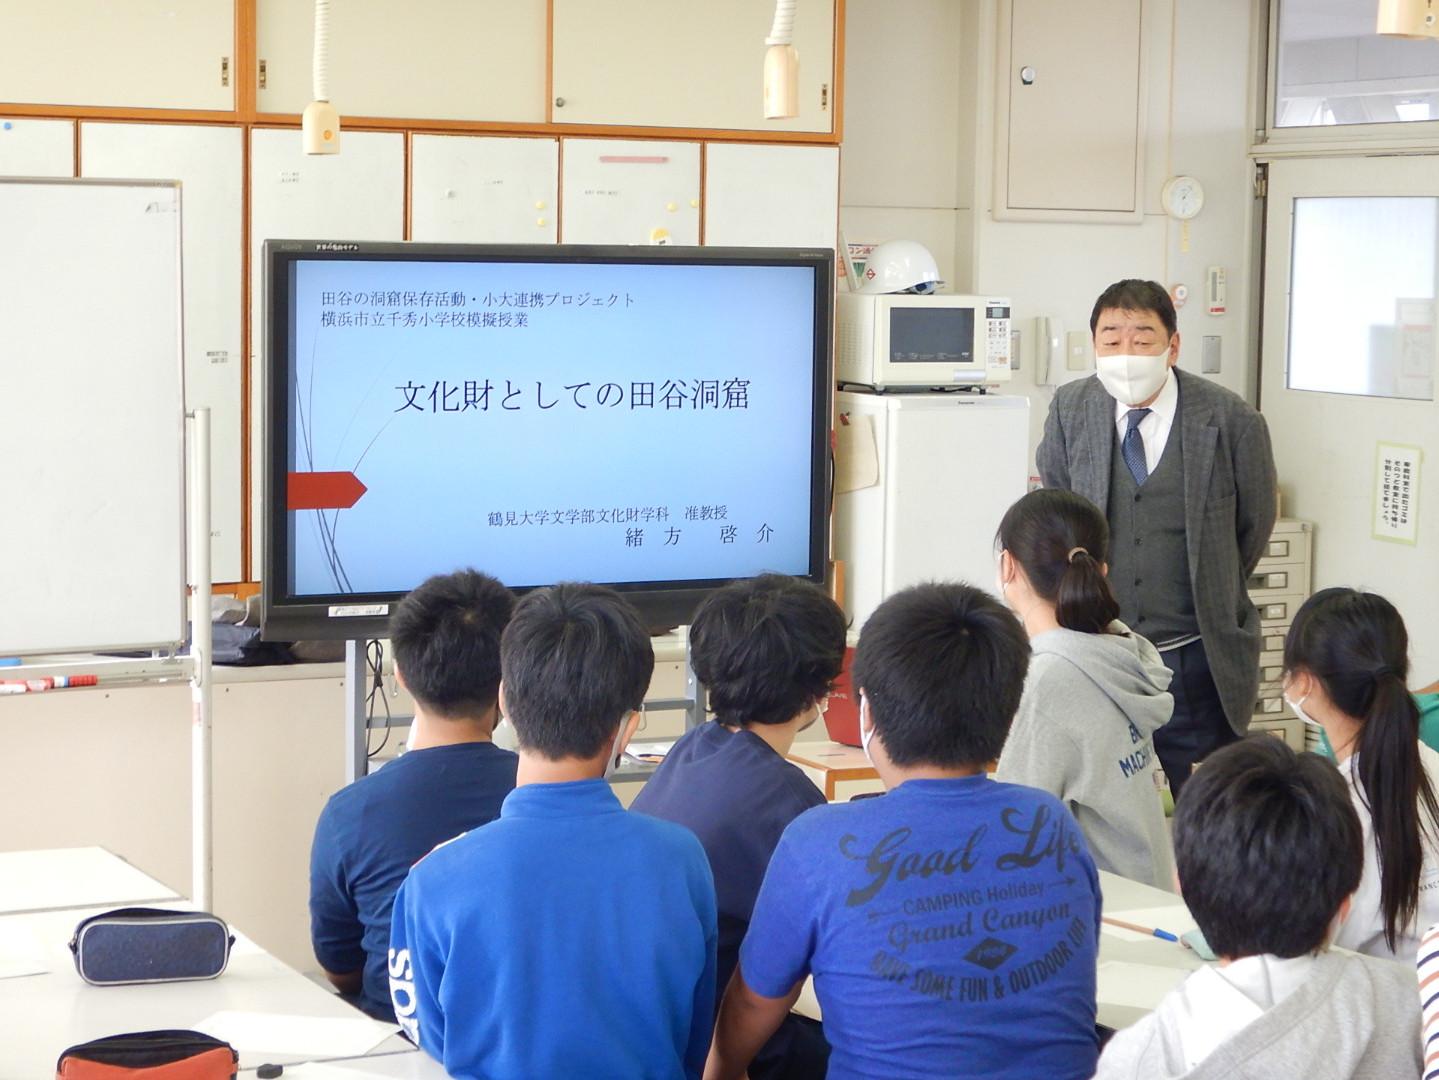 2020-11-09 緒方先生授業-002-DB.jpg